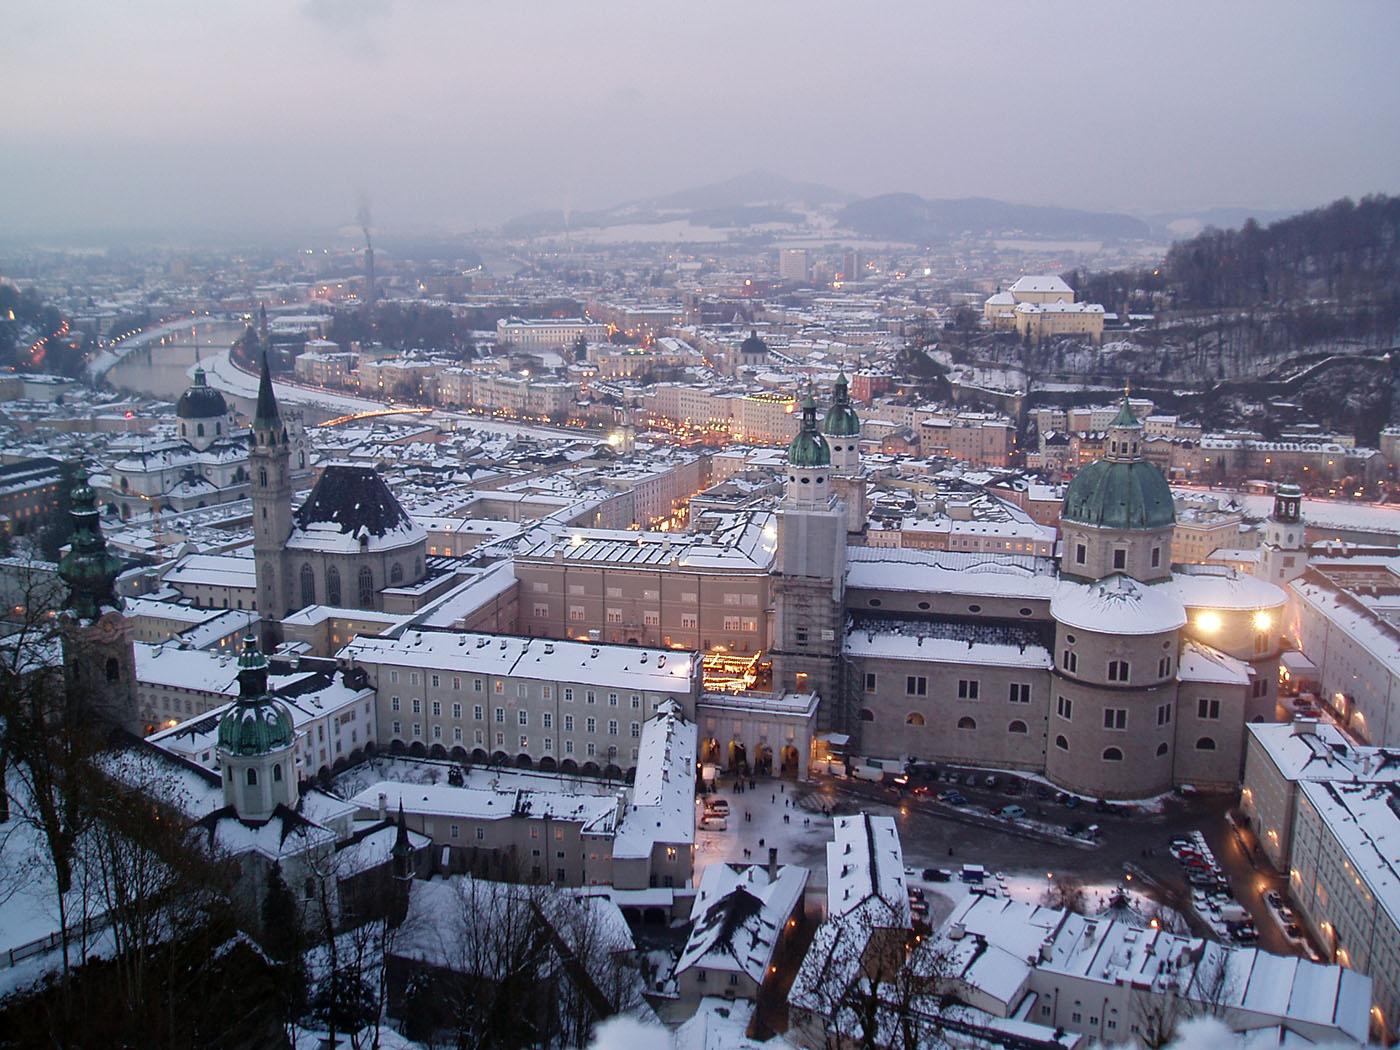 ザルツブルク街並み冬景色2005